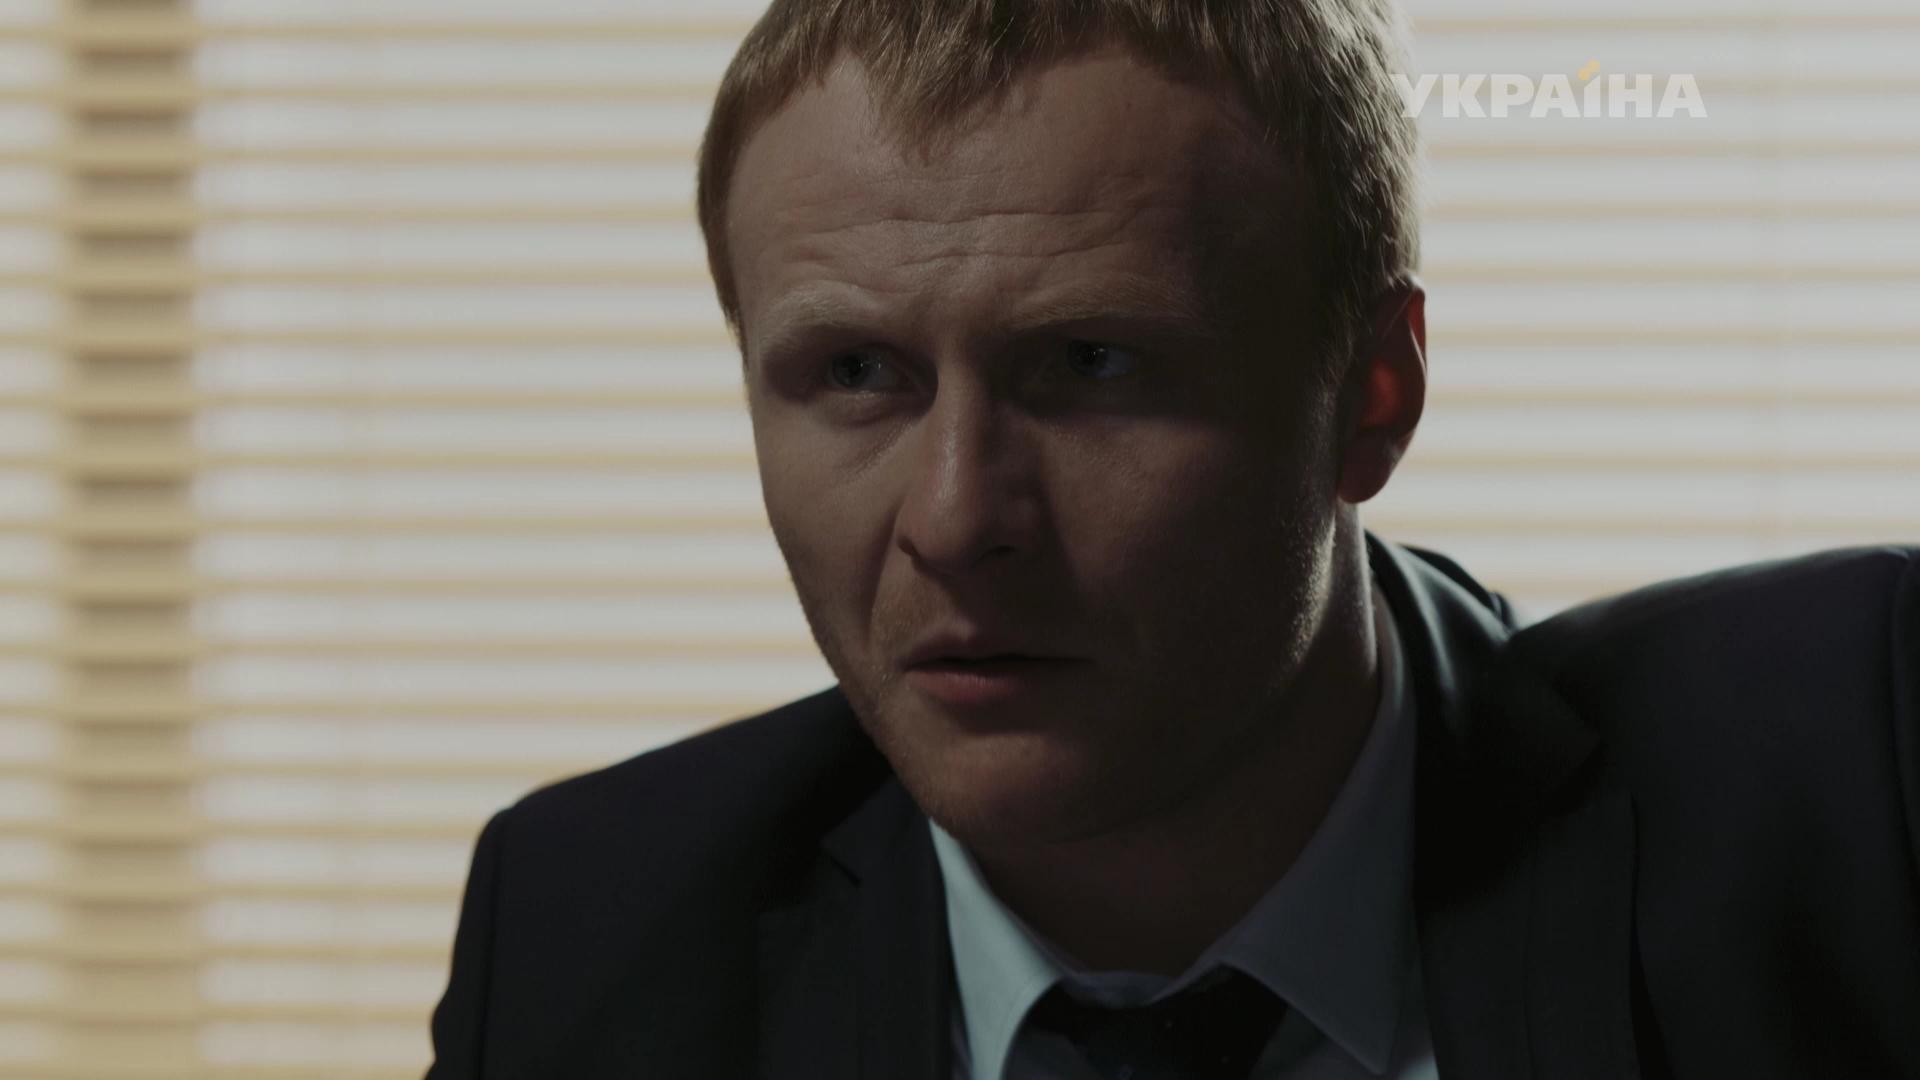 СЕРИАЛ КЛАН ЮВЕЛИРОВ 2015 ТОРРЕНТ СКАЧАТЬ БЕСПЛАТНО